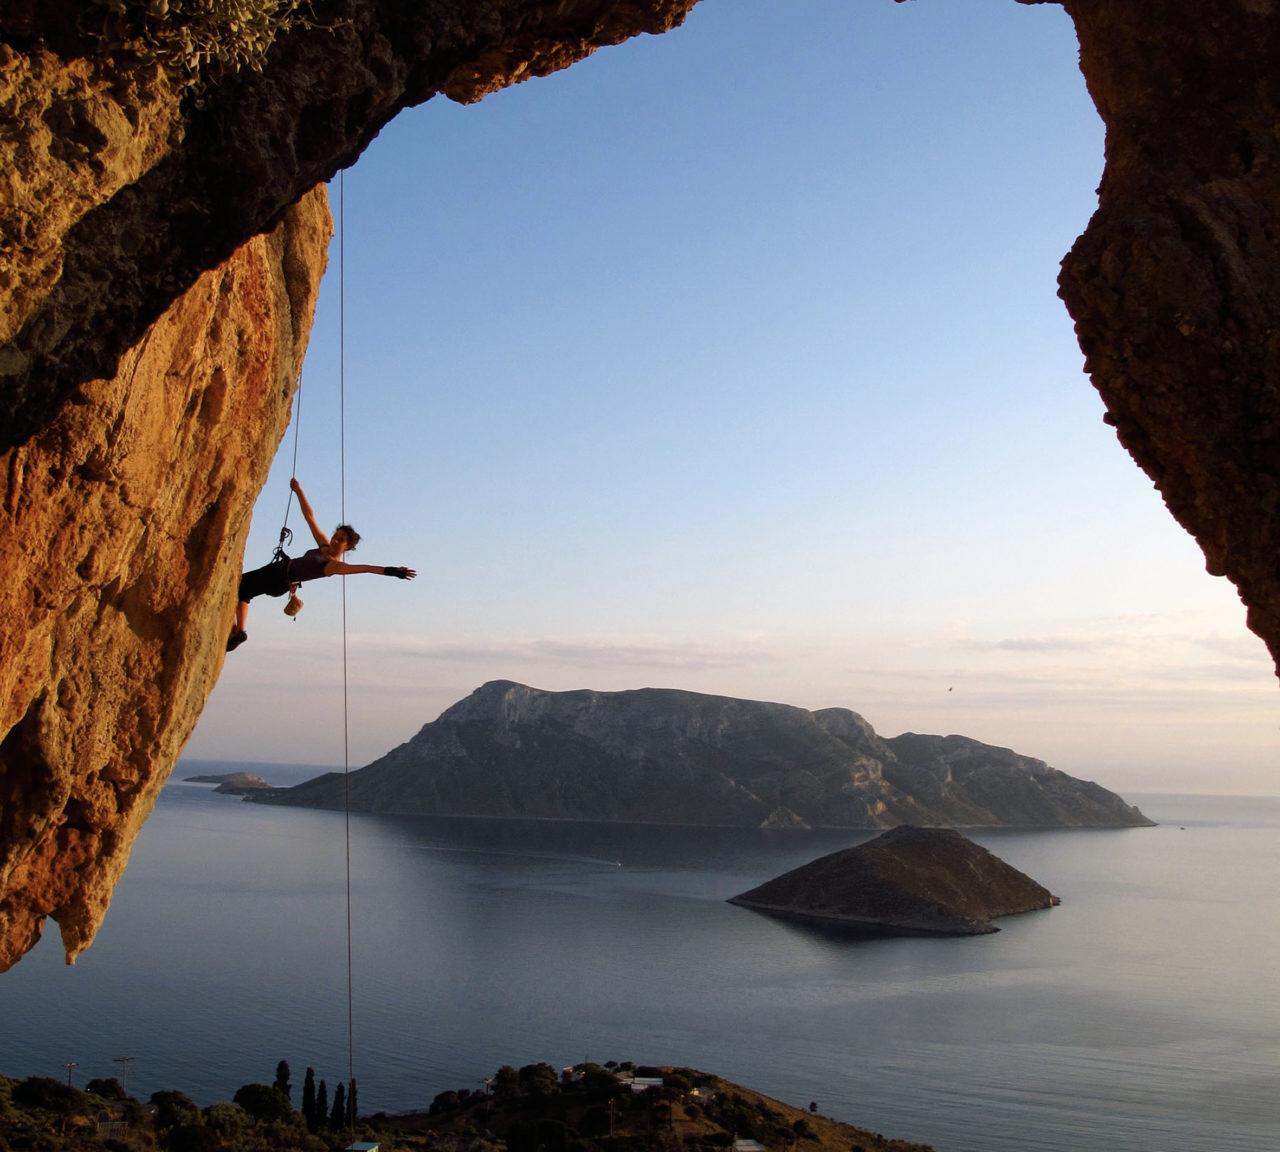 Kalymnos, uluslararası kaya tırmanışçılarının gözde adreslerinden. Tırmanış alanlarında güvenlik işaretleri yer alıyor.